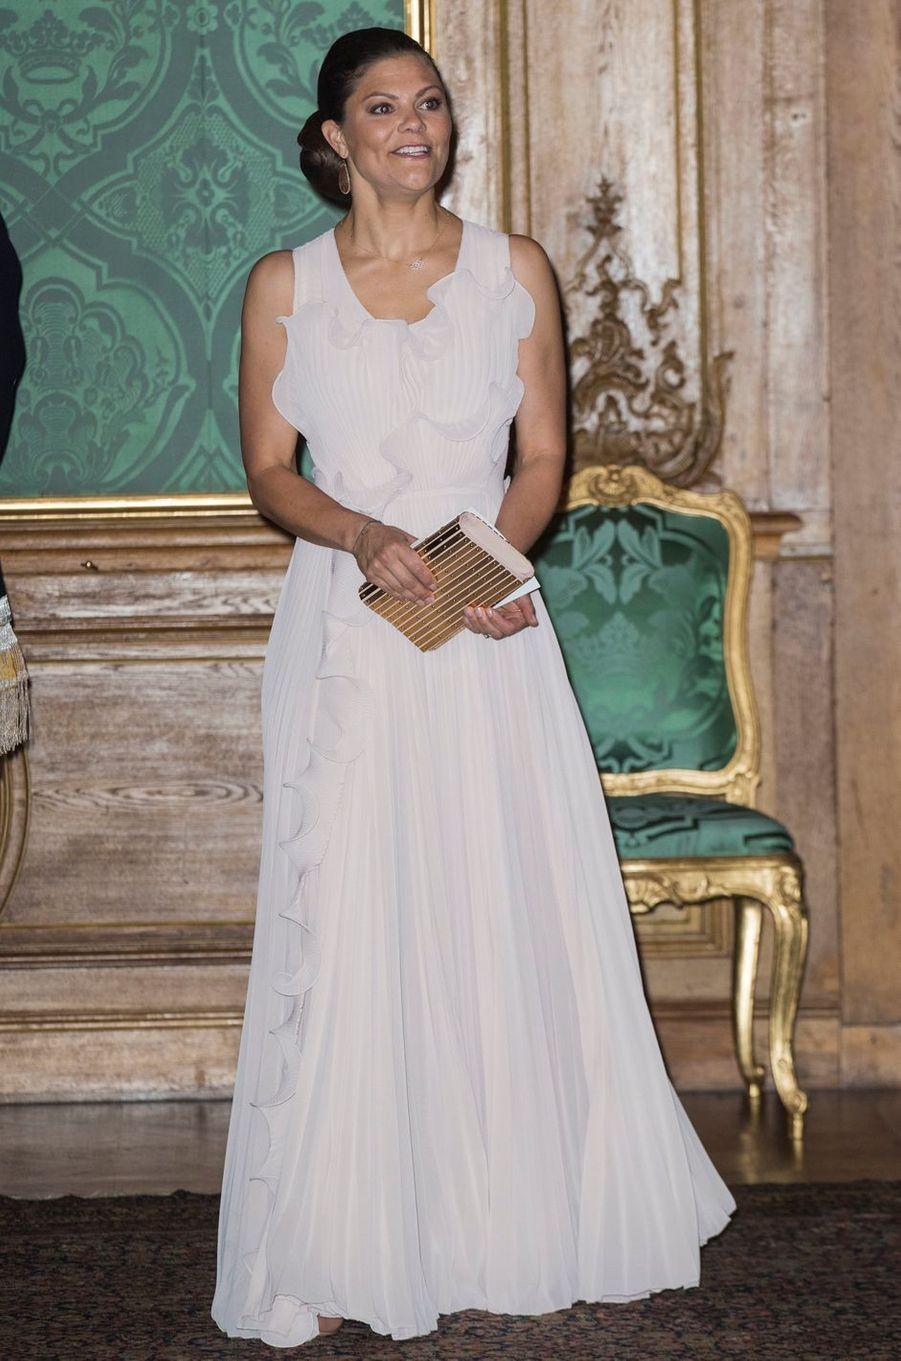 La princesse Victoria de Suède dans une robe H&M Conscious Exclusive en plastique recyclé, à Stockholm le 22 septembre 2017